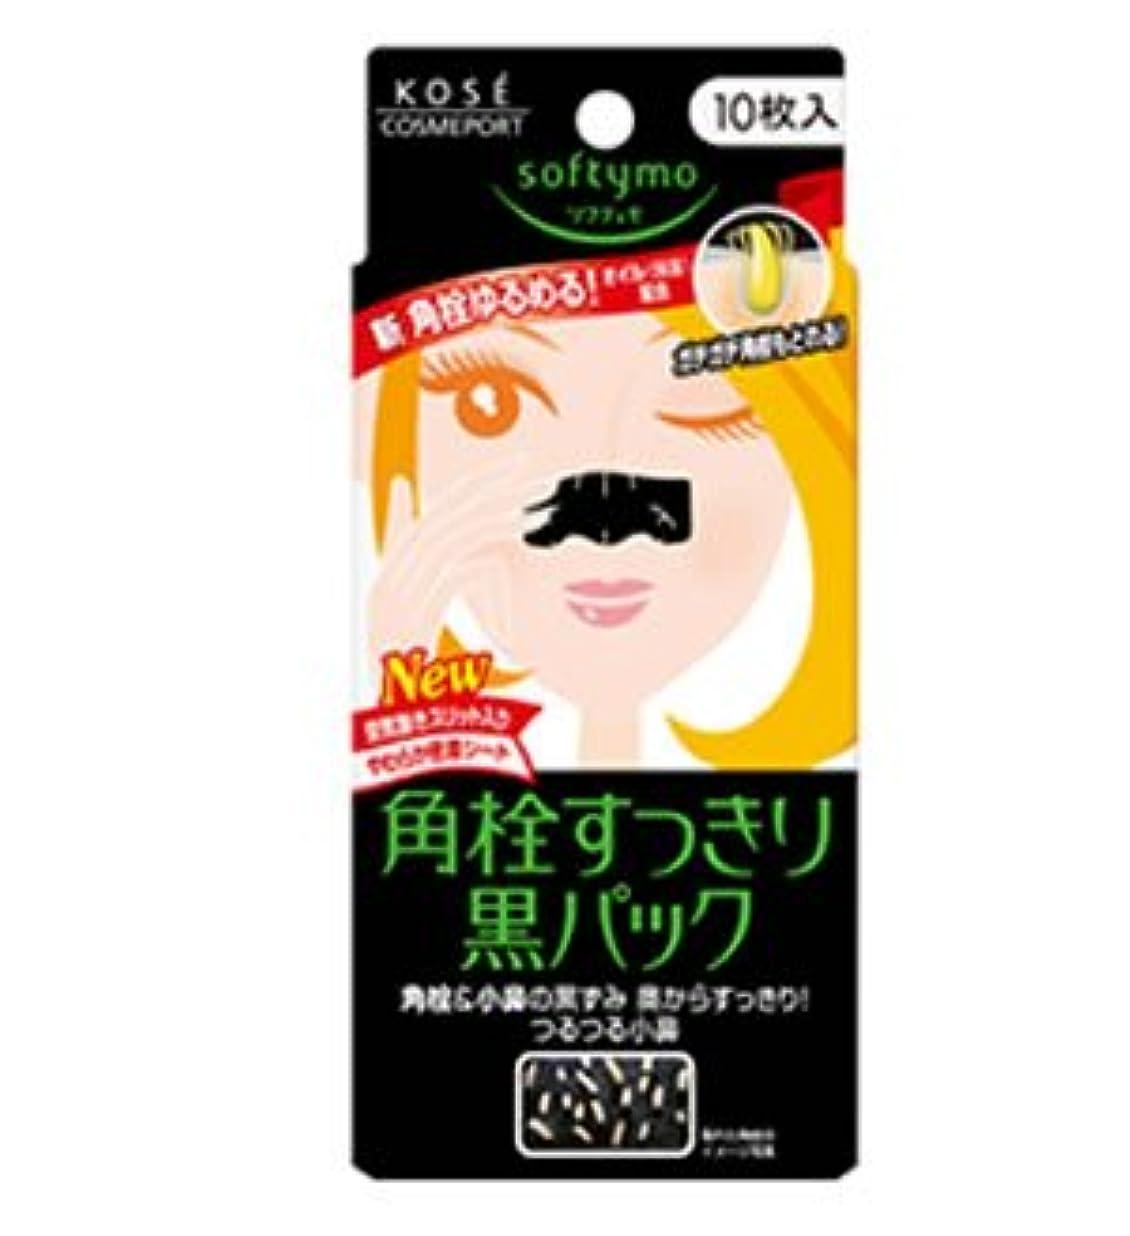 カートパーツミケランジェロコーセー(KOSE)ソフティモ 薬用角栓すっきり黒パック 10枚(医薬部外品)(お買い得3個セット)